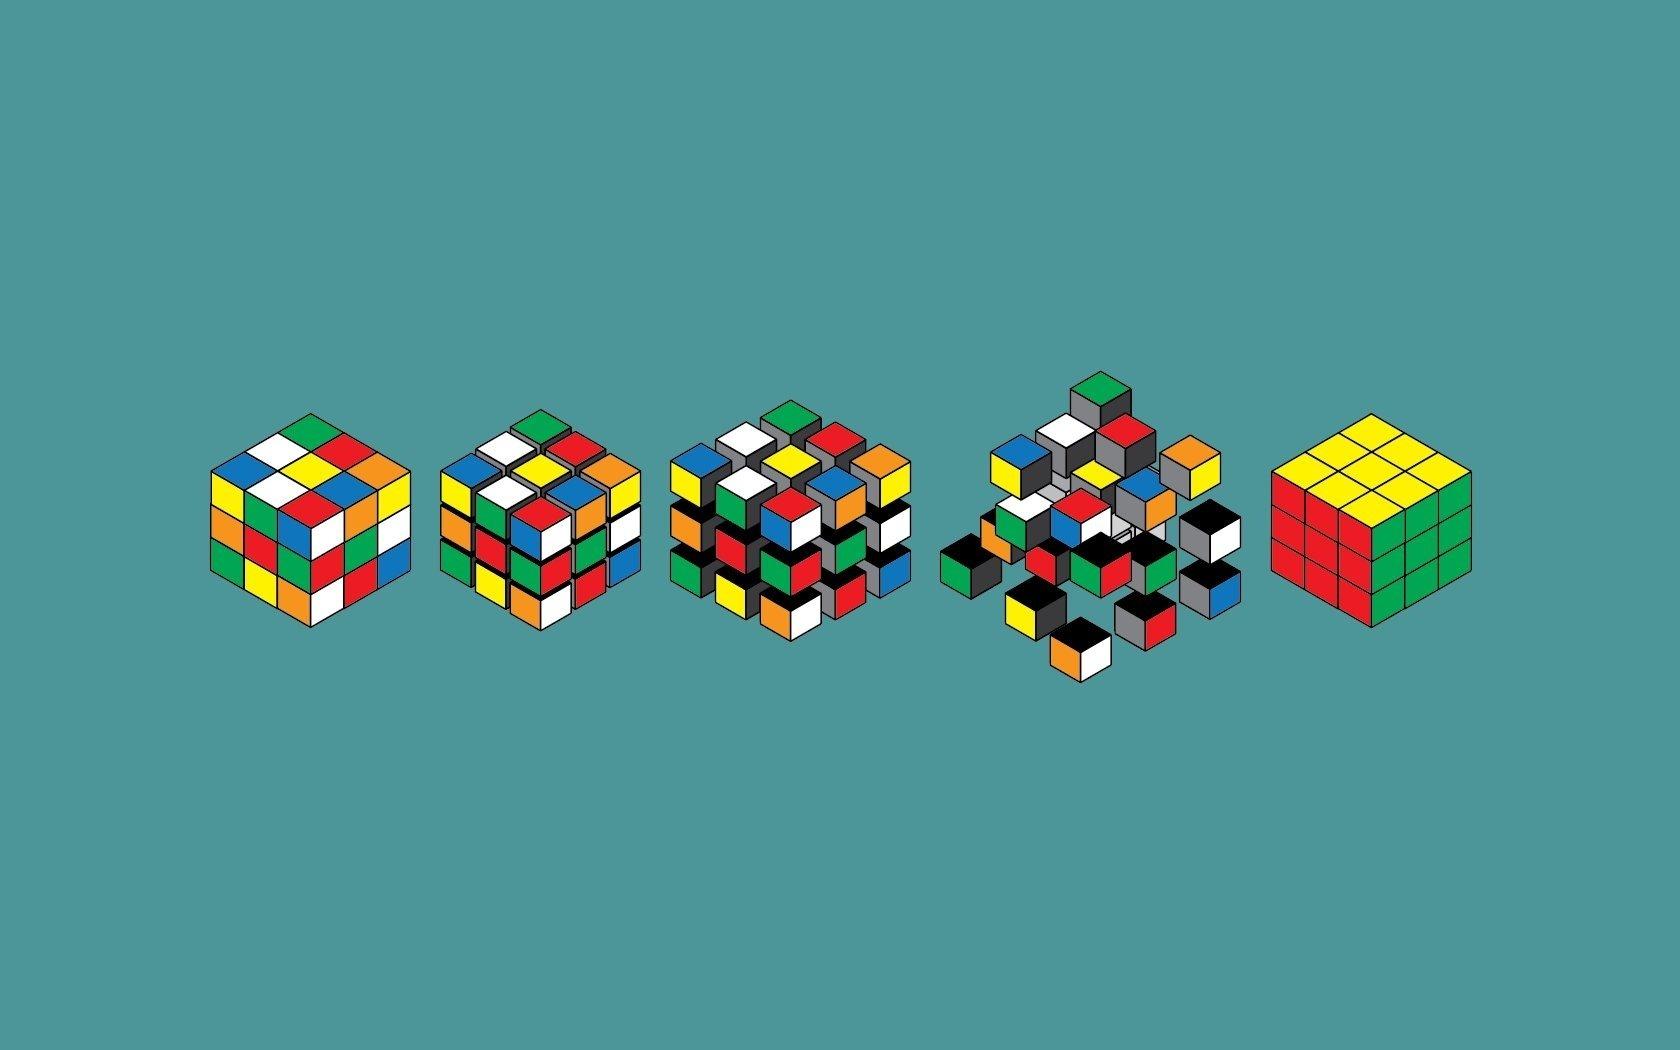 Wallpaper simple Rubiks Cube cubes desktop wallpaper 3D GoodWP 1680x1050